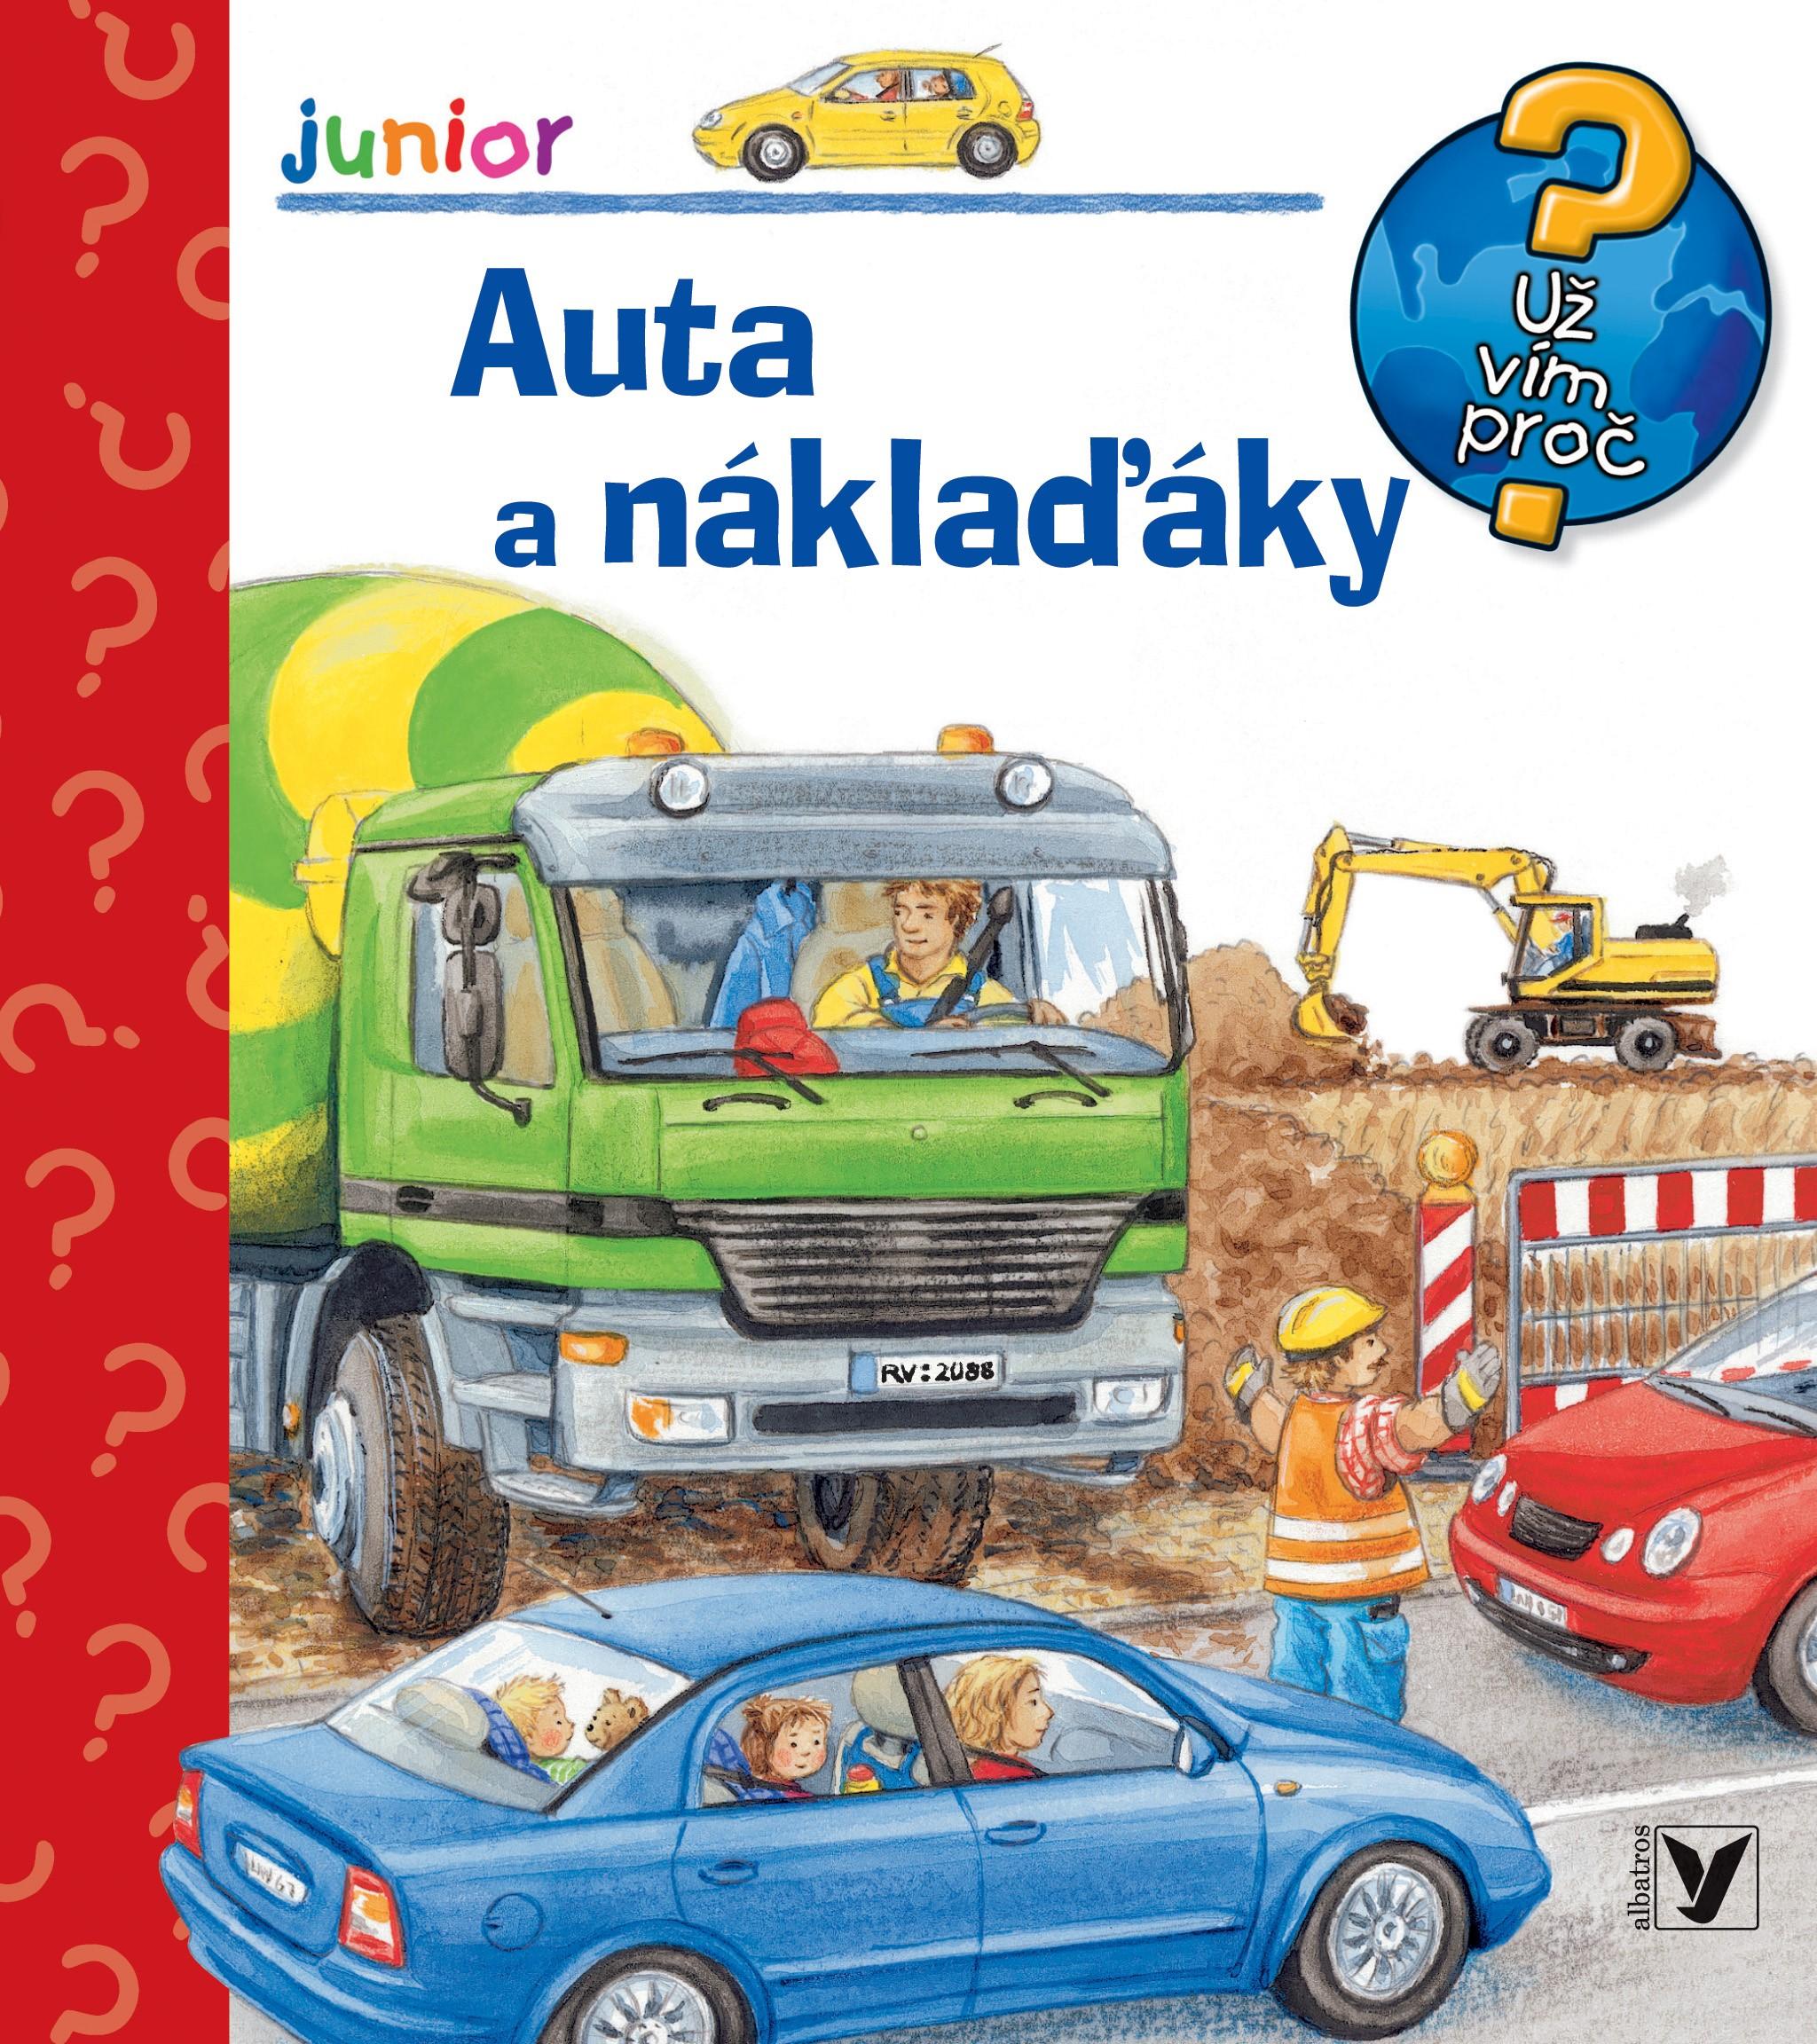 Auta a náklaďáky